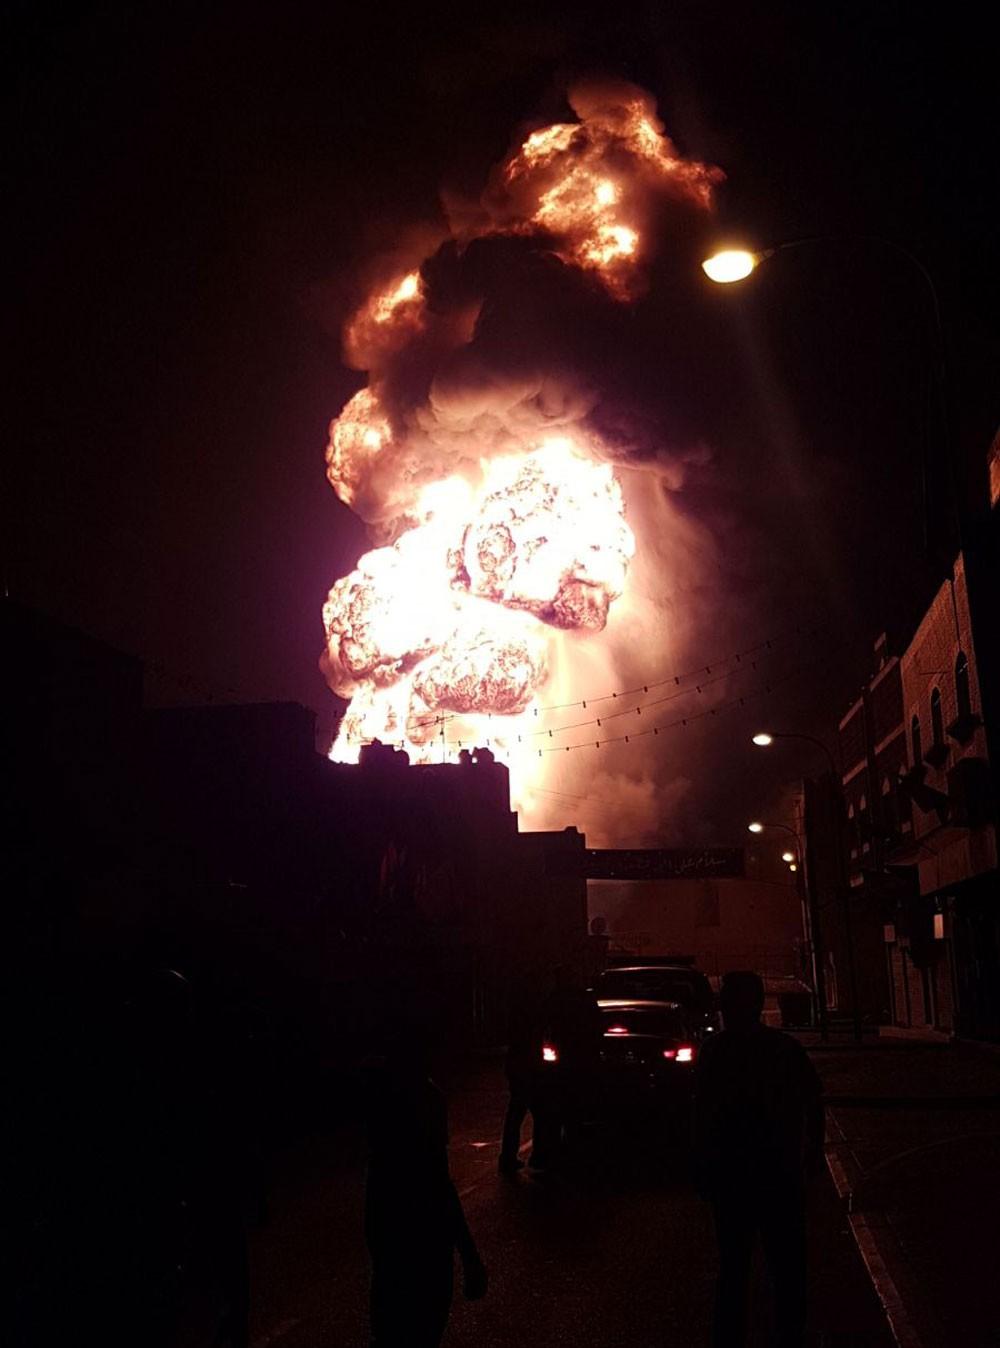 انفجار كبير في انبوب نفط بالقرب من منطقة بوري